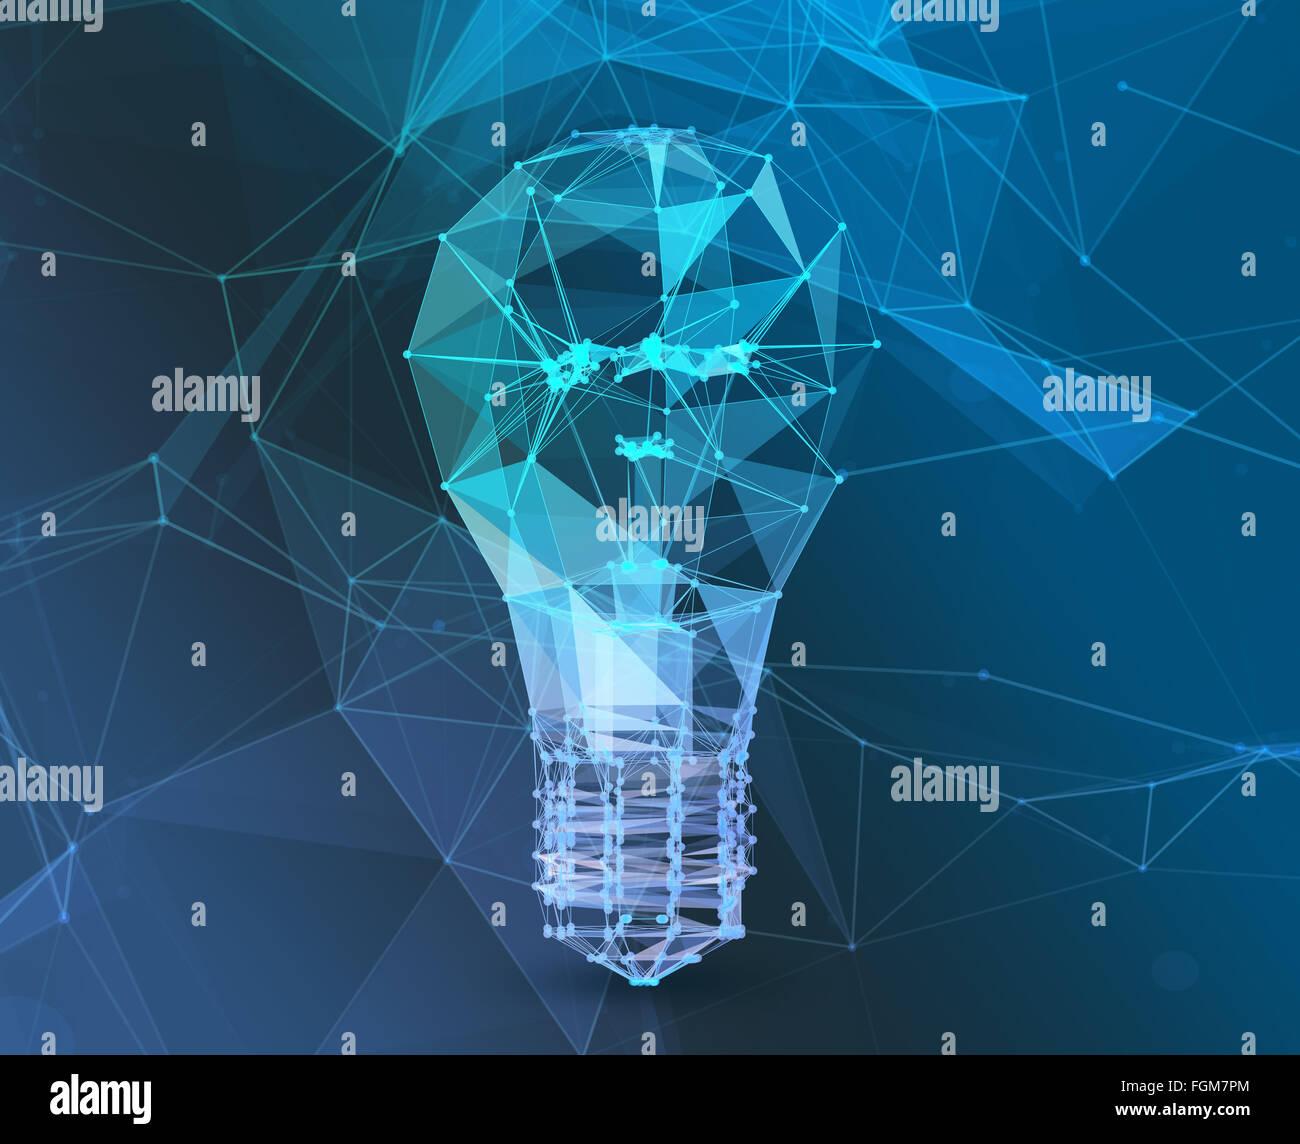 Collegare la lampada triangolo poligonale. Il concetto di rete di comunicazione Immagini Stock